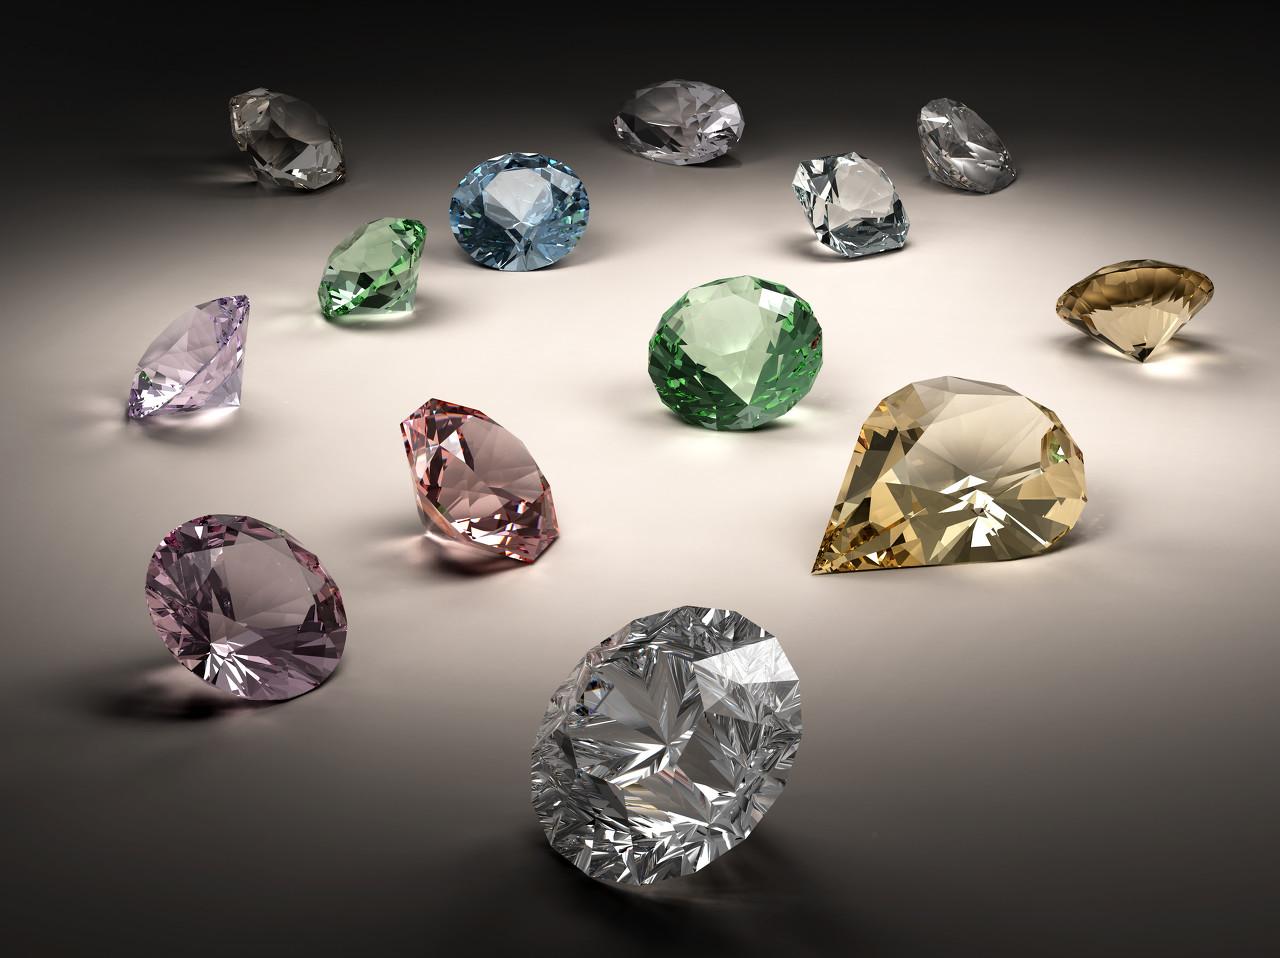 聊一聊蒂芙尼Tiffany的那枚传奇黄钻